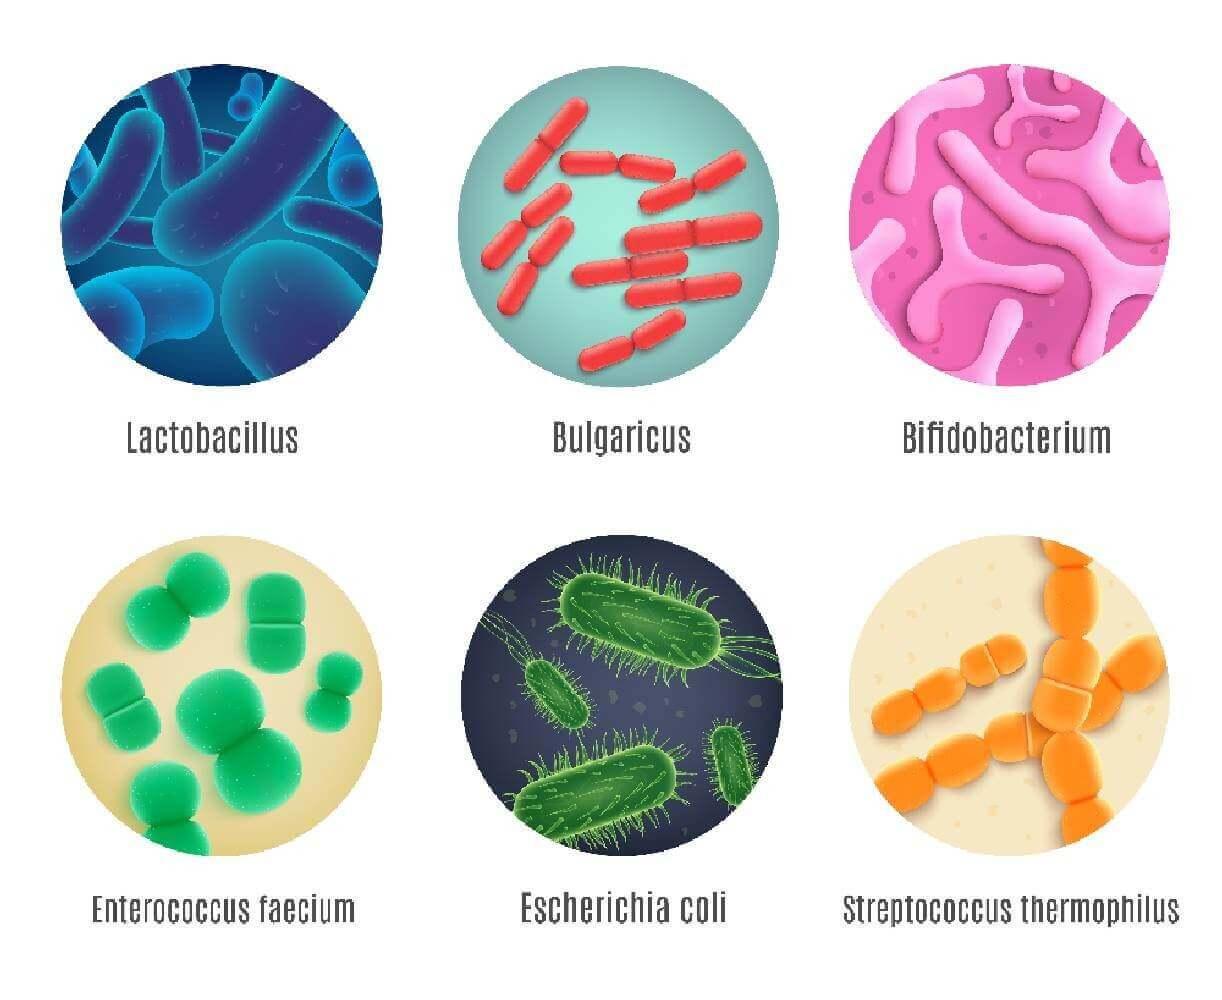 image de l'ingredient Ferments lactiques